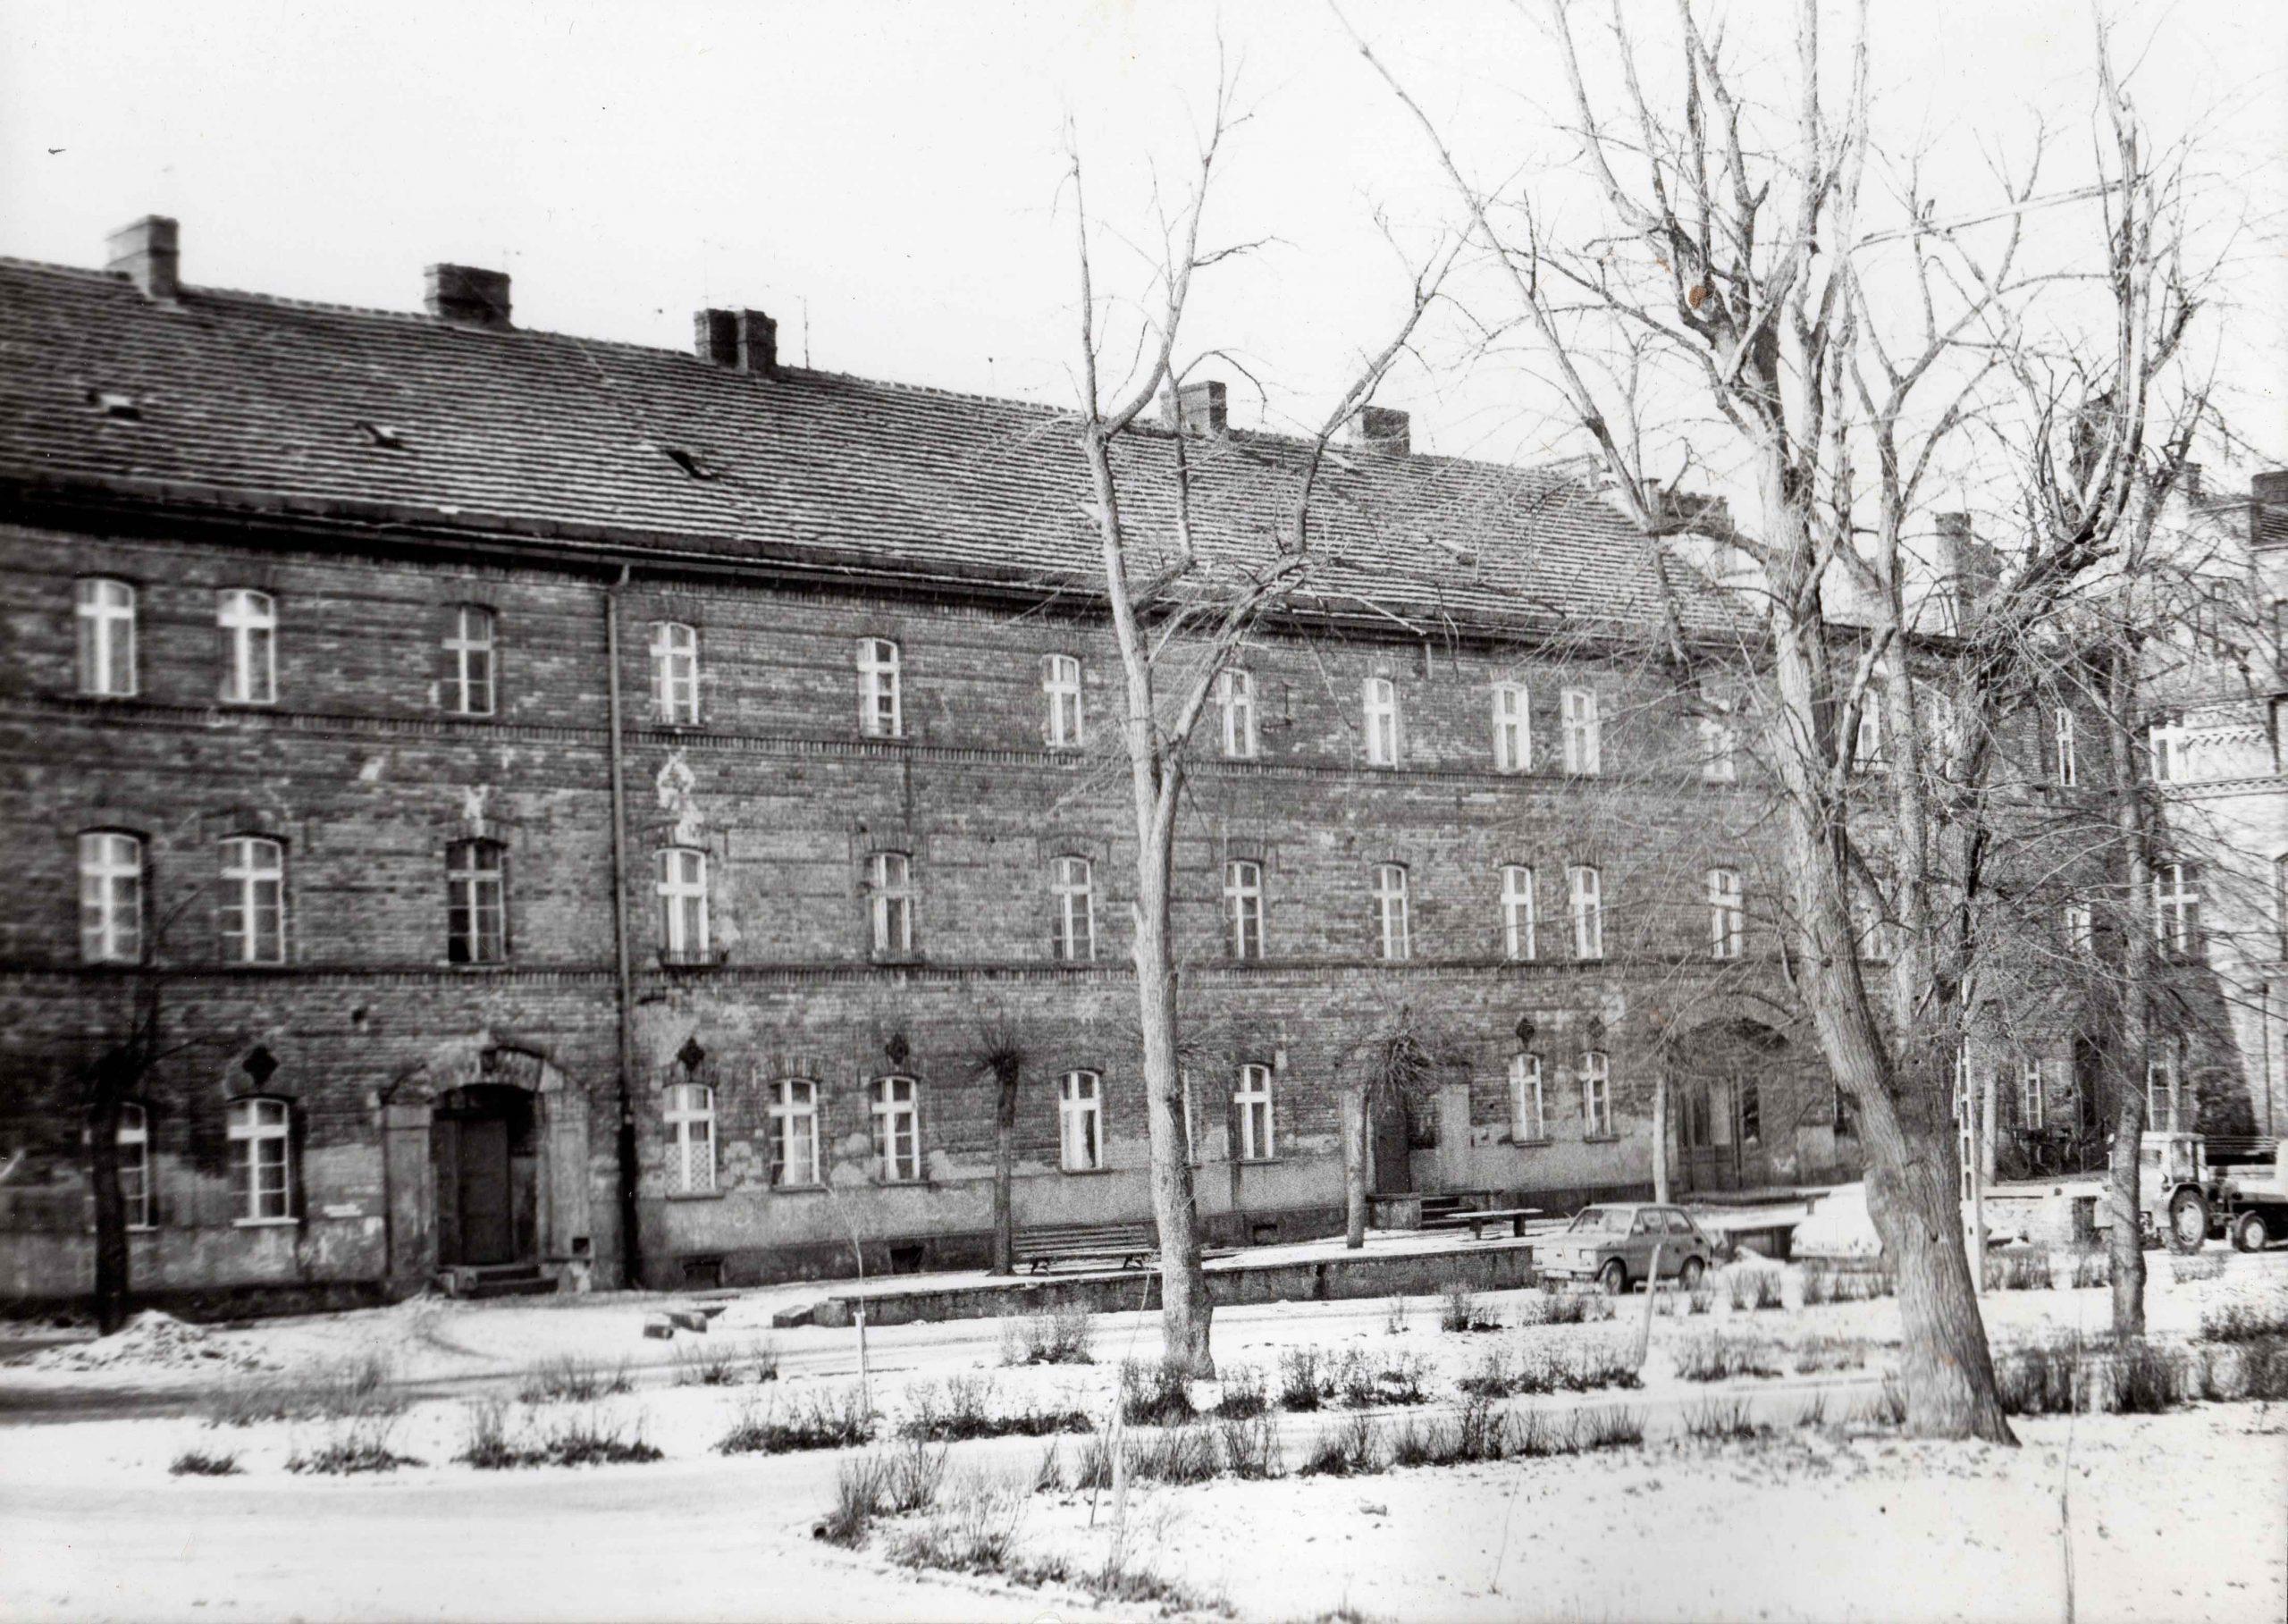 Ewidencja żarowskiego założenia ogrodowo-parkowego 1987 (16)